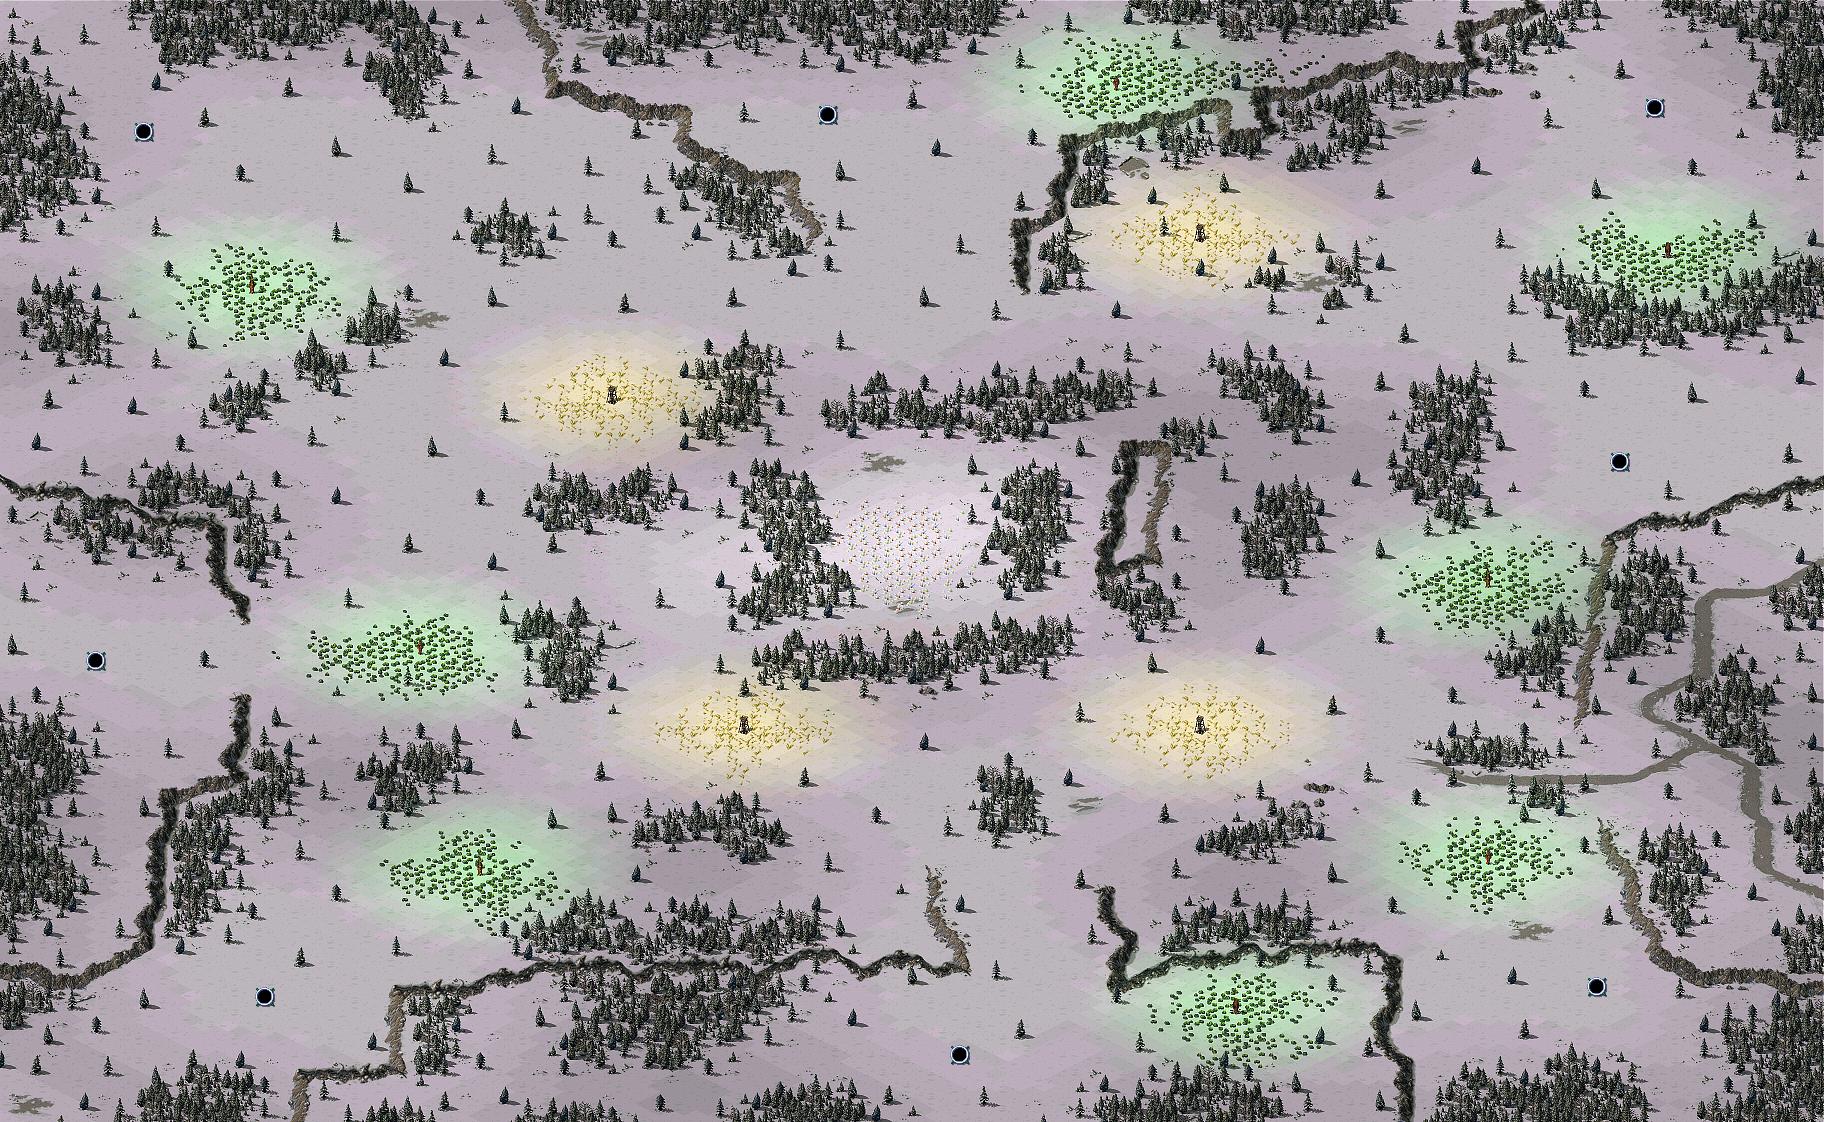 [8] White Acres